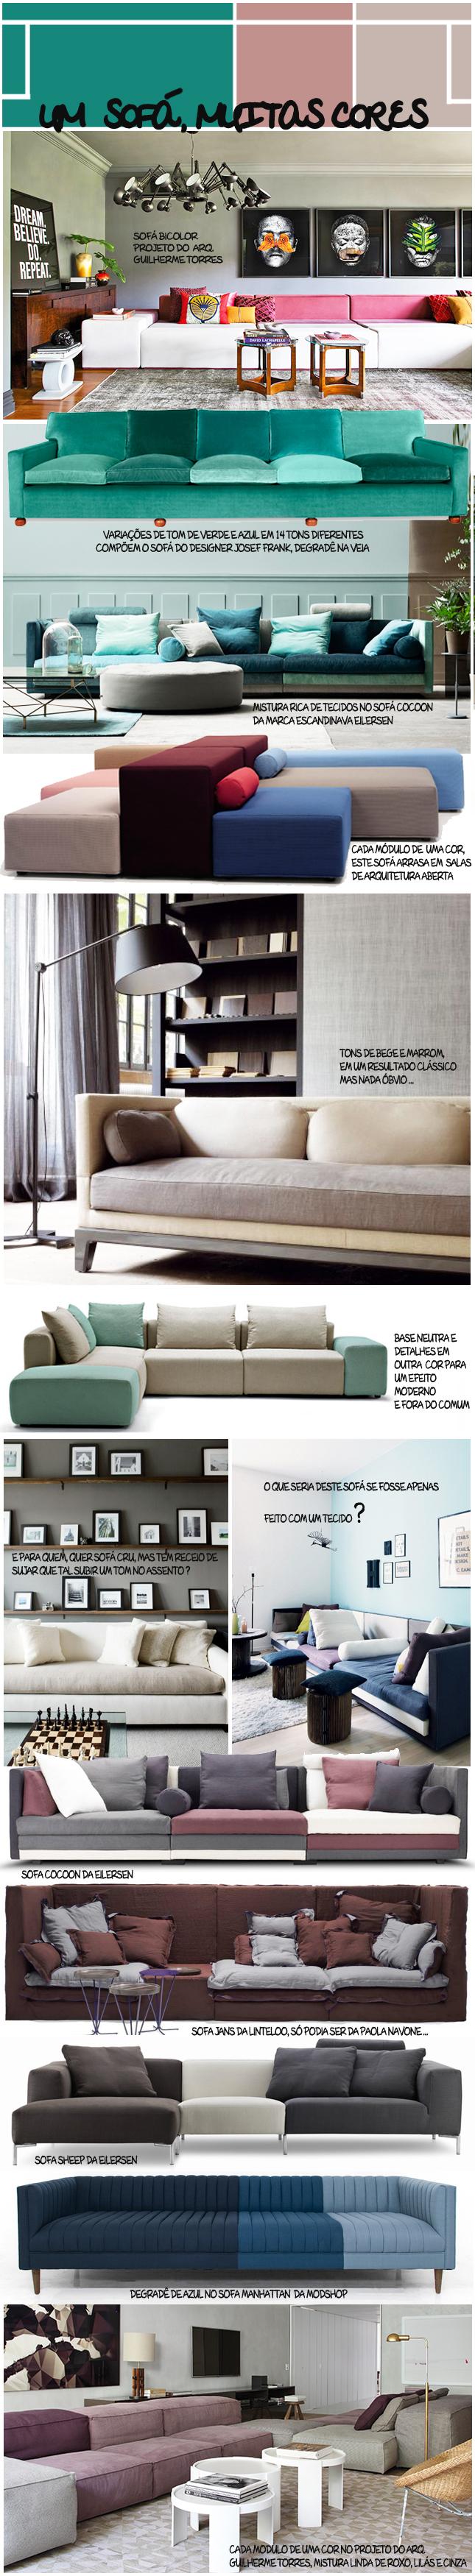 blog_decoradornet_sofa_colorido